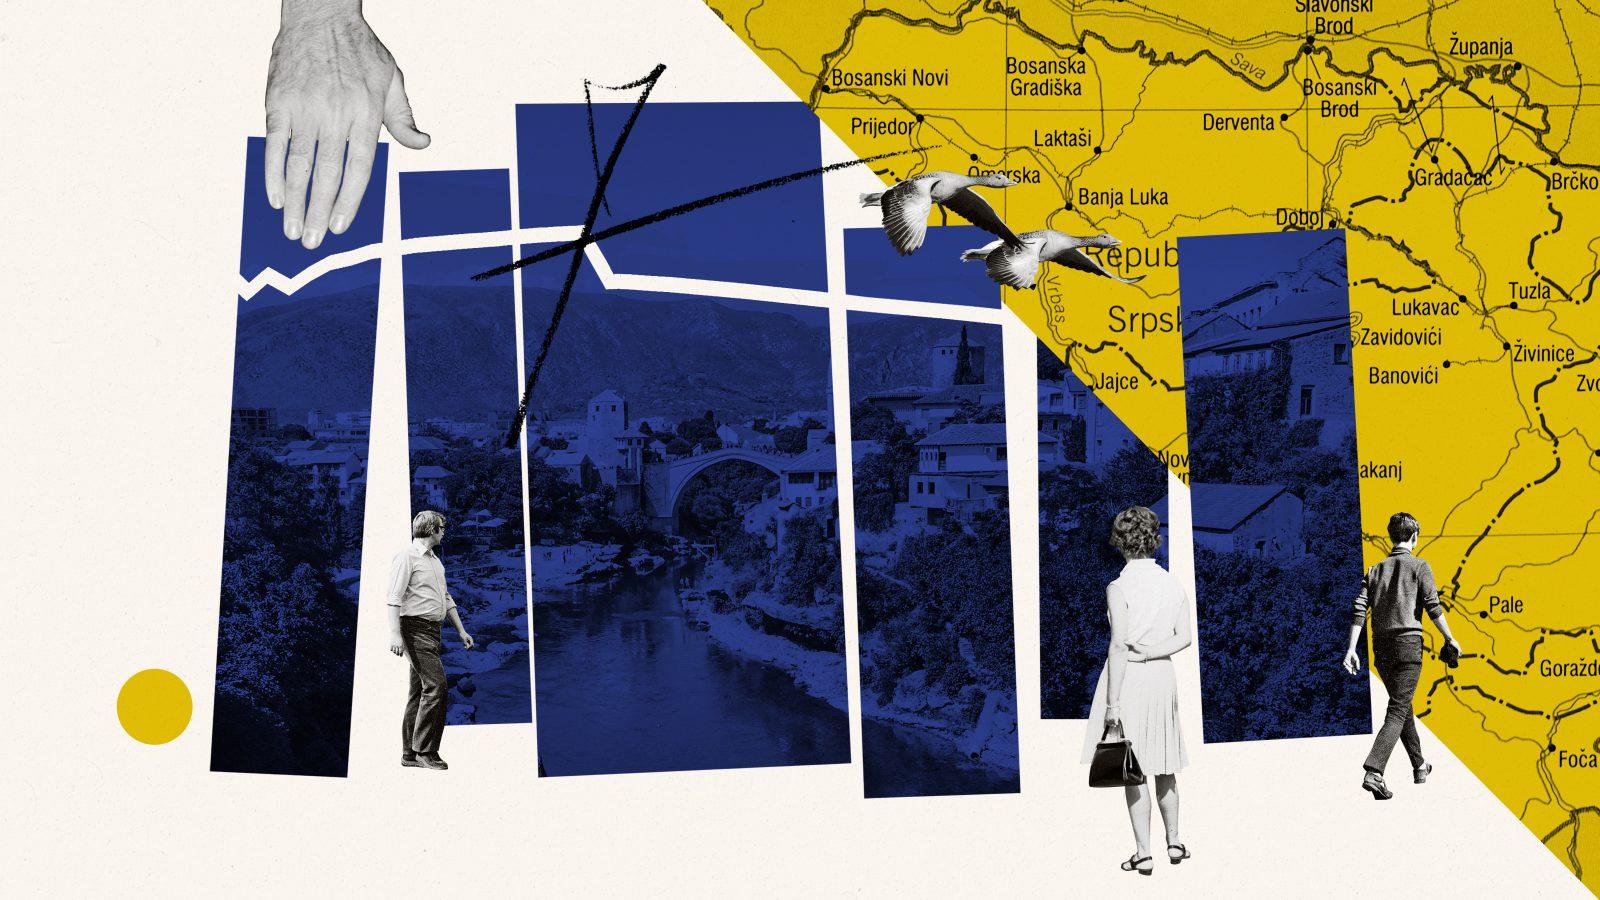 Bosnia Powerless to Halt Demographic Decline | Balkan Insight